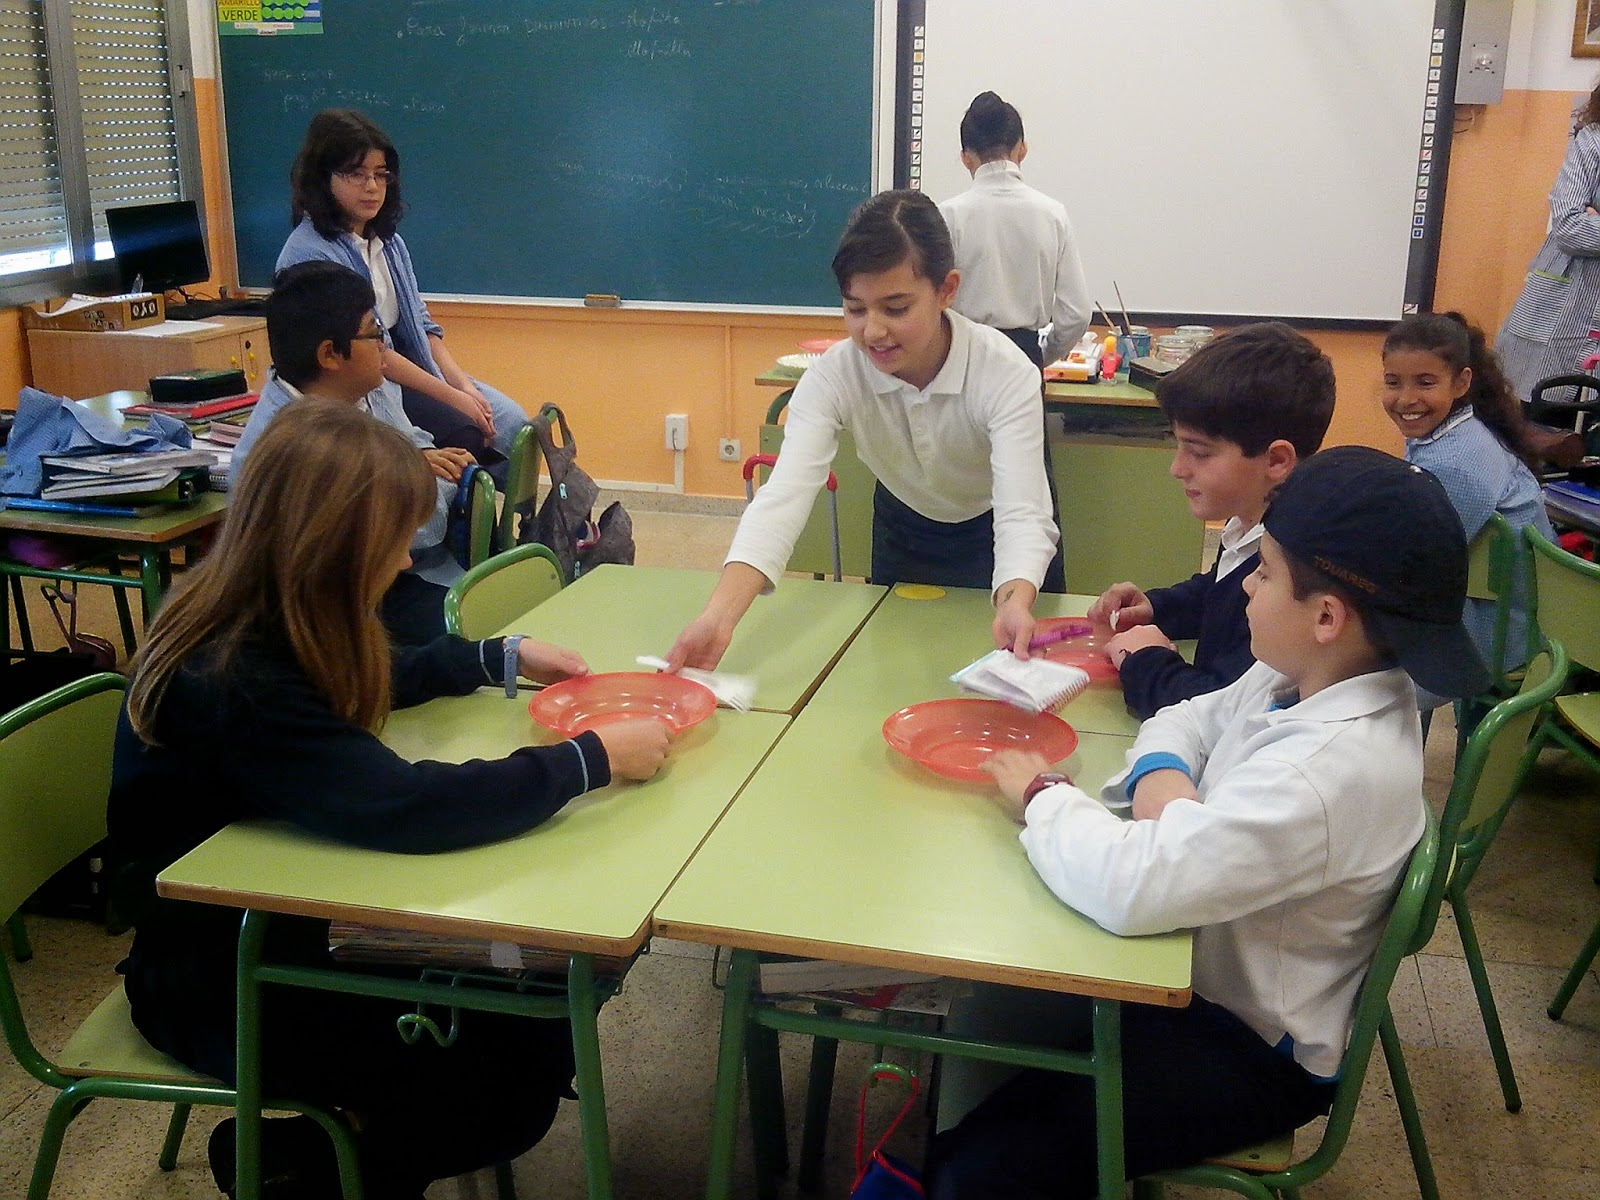 Colegio amor de dios burlada proyecto restaurante en euskera for Proyecto restaurante escolar